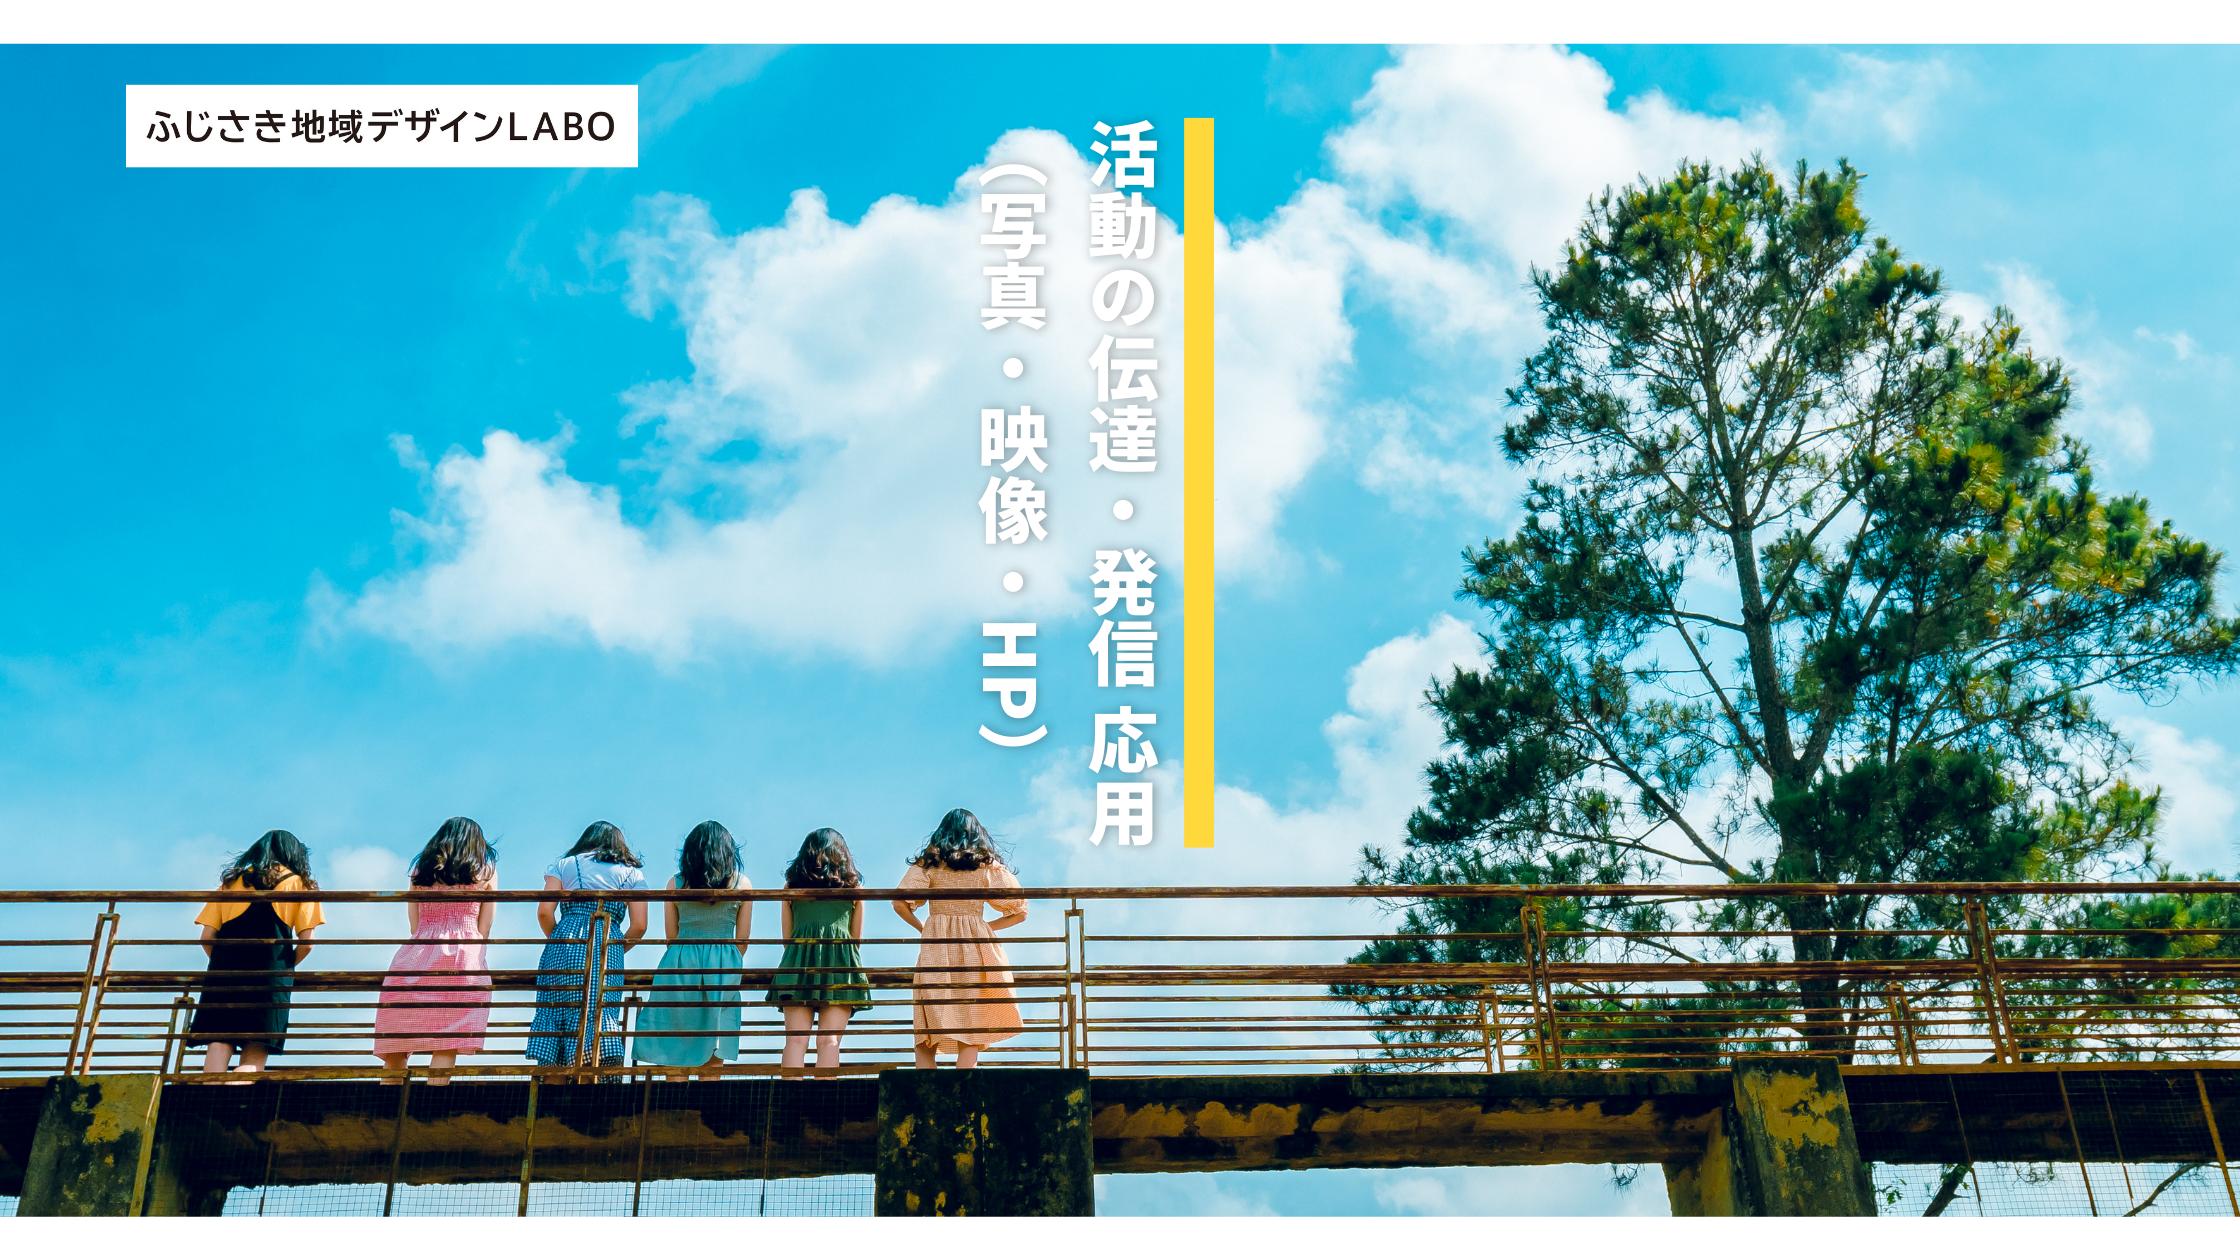 【ふじさき地域デザインLABOプロデューサー育成】活動の伝達・発信 応用(写真・映像・HP)